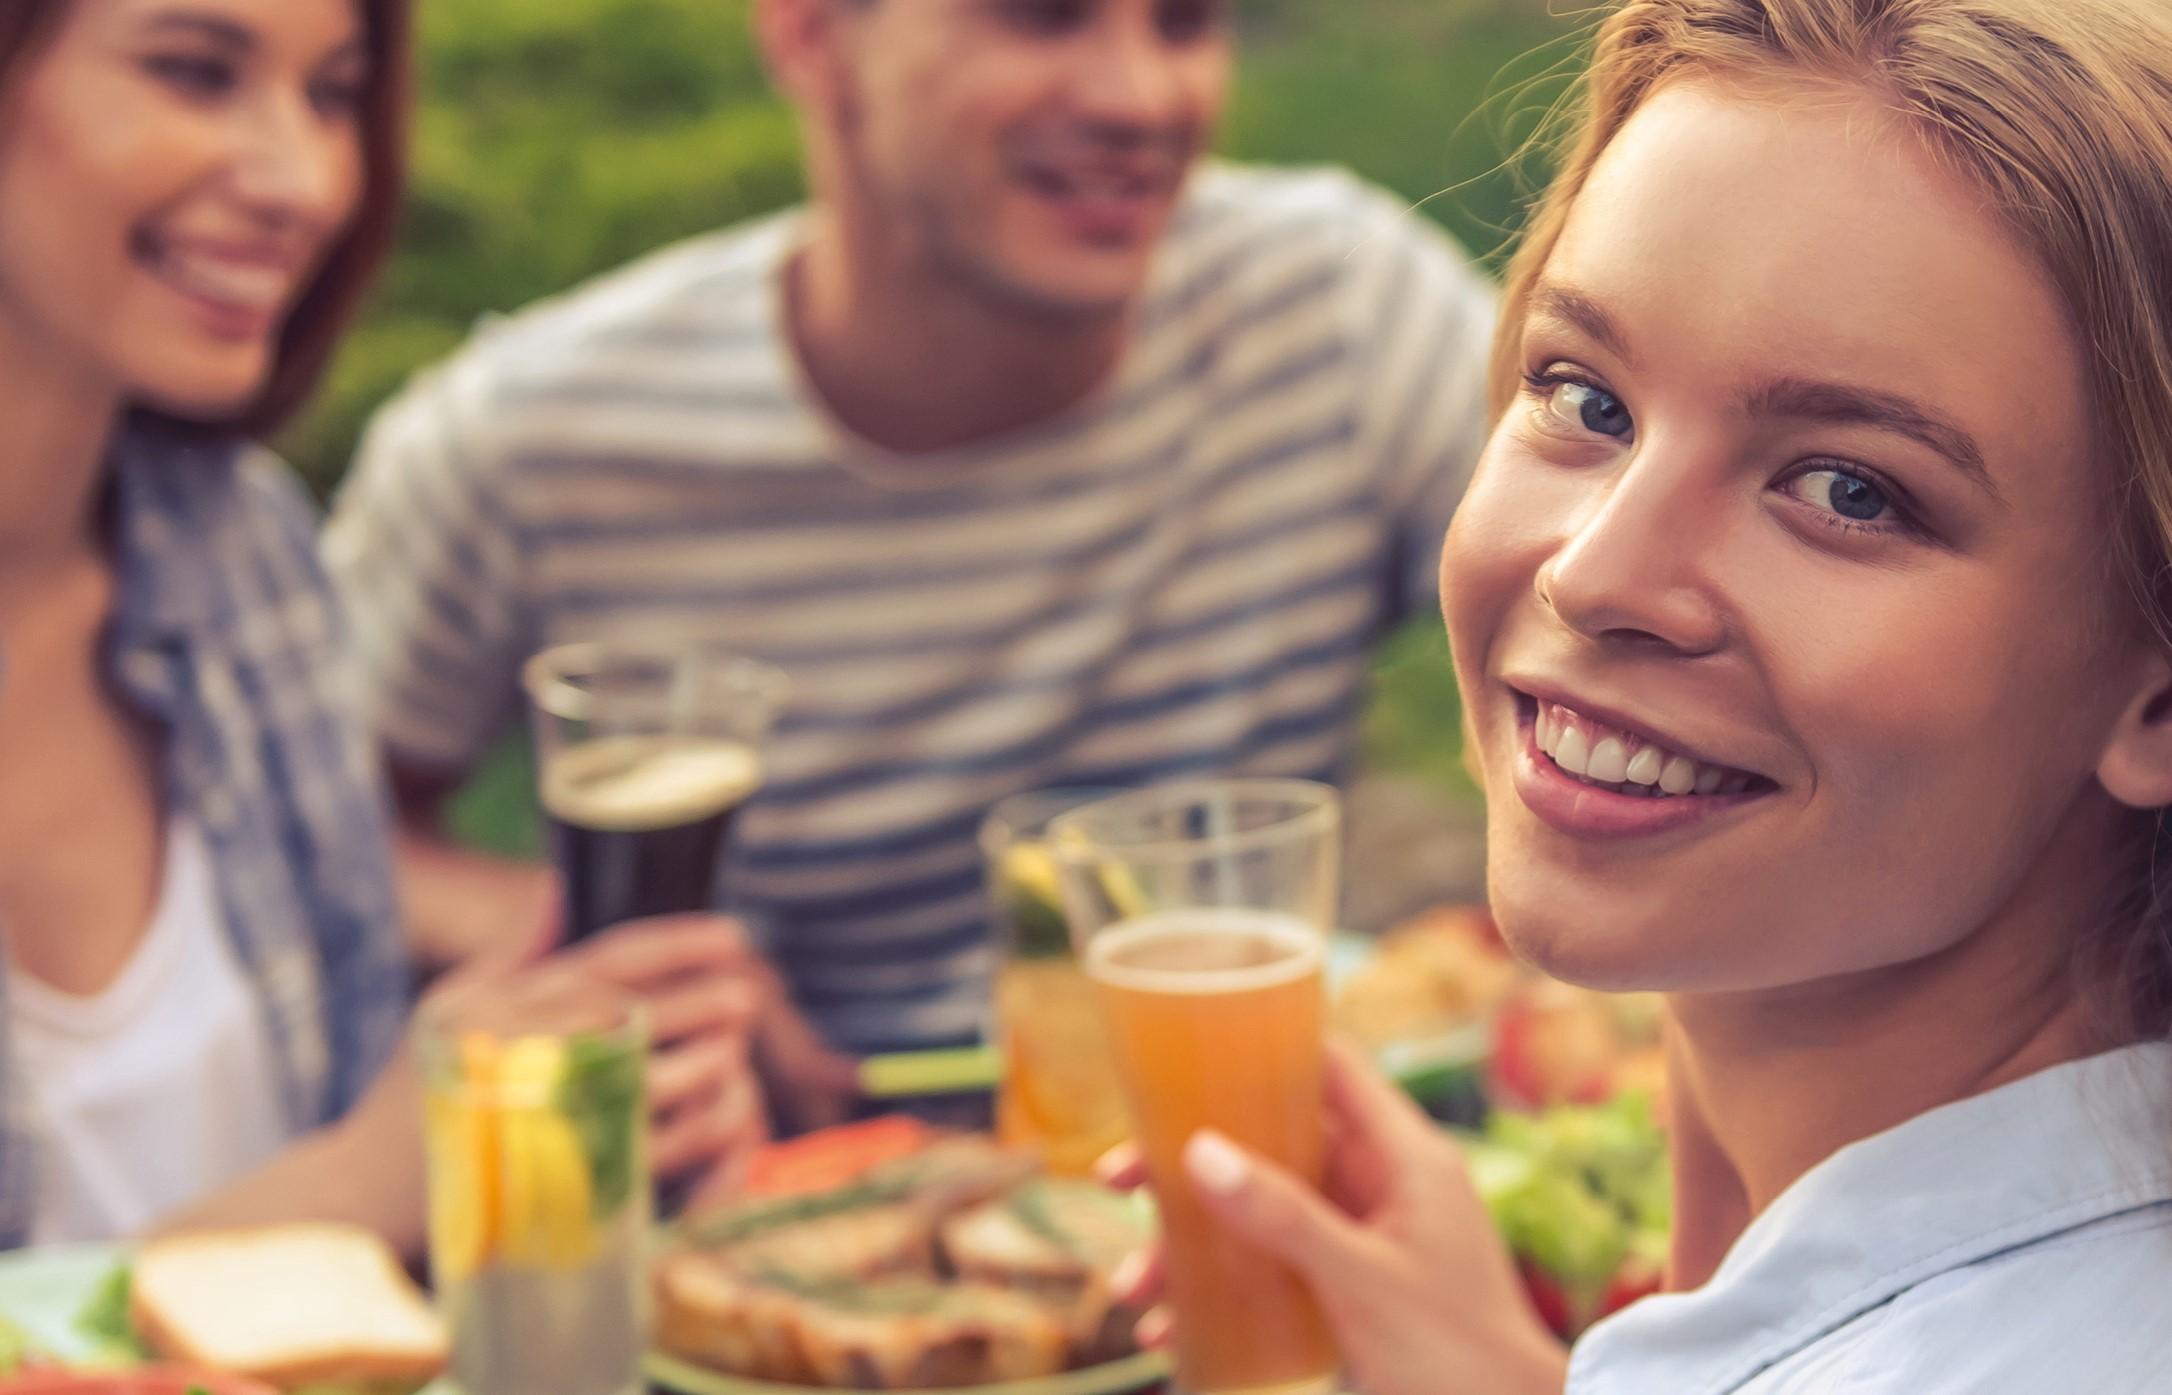 Frau die genießt sitzt bei einem Tisch vollgestellt mit Köstlichkeiten